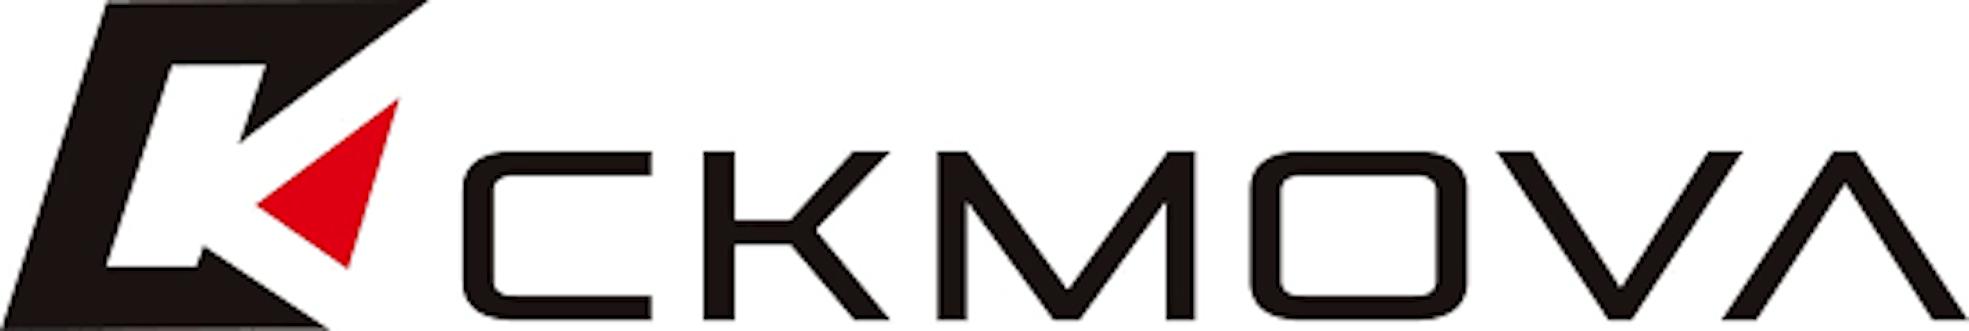 Strona producenta CK MOVA